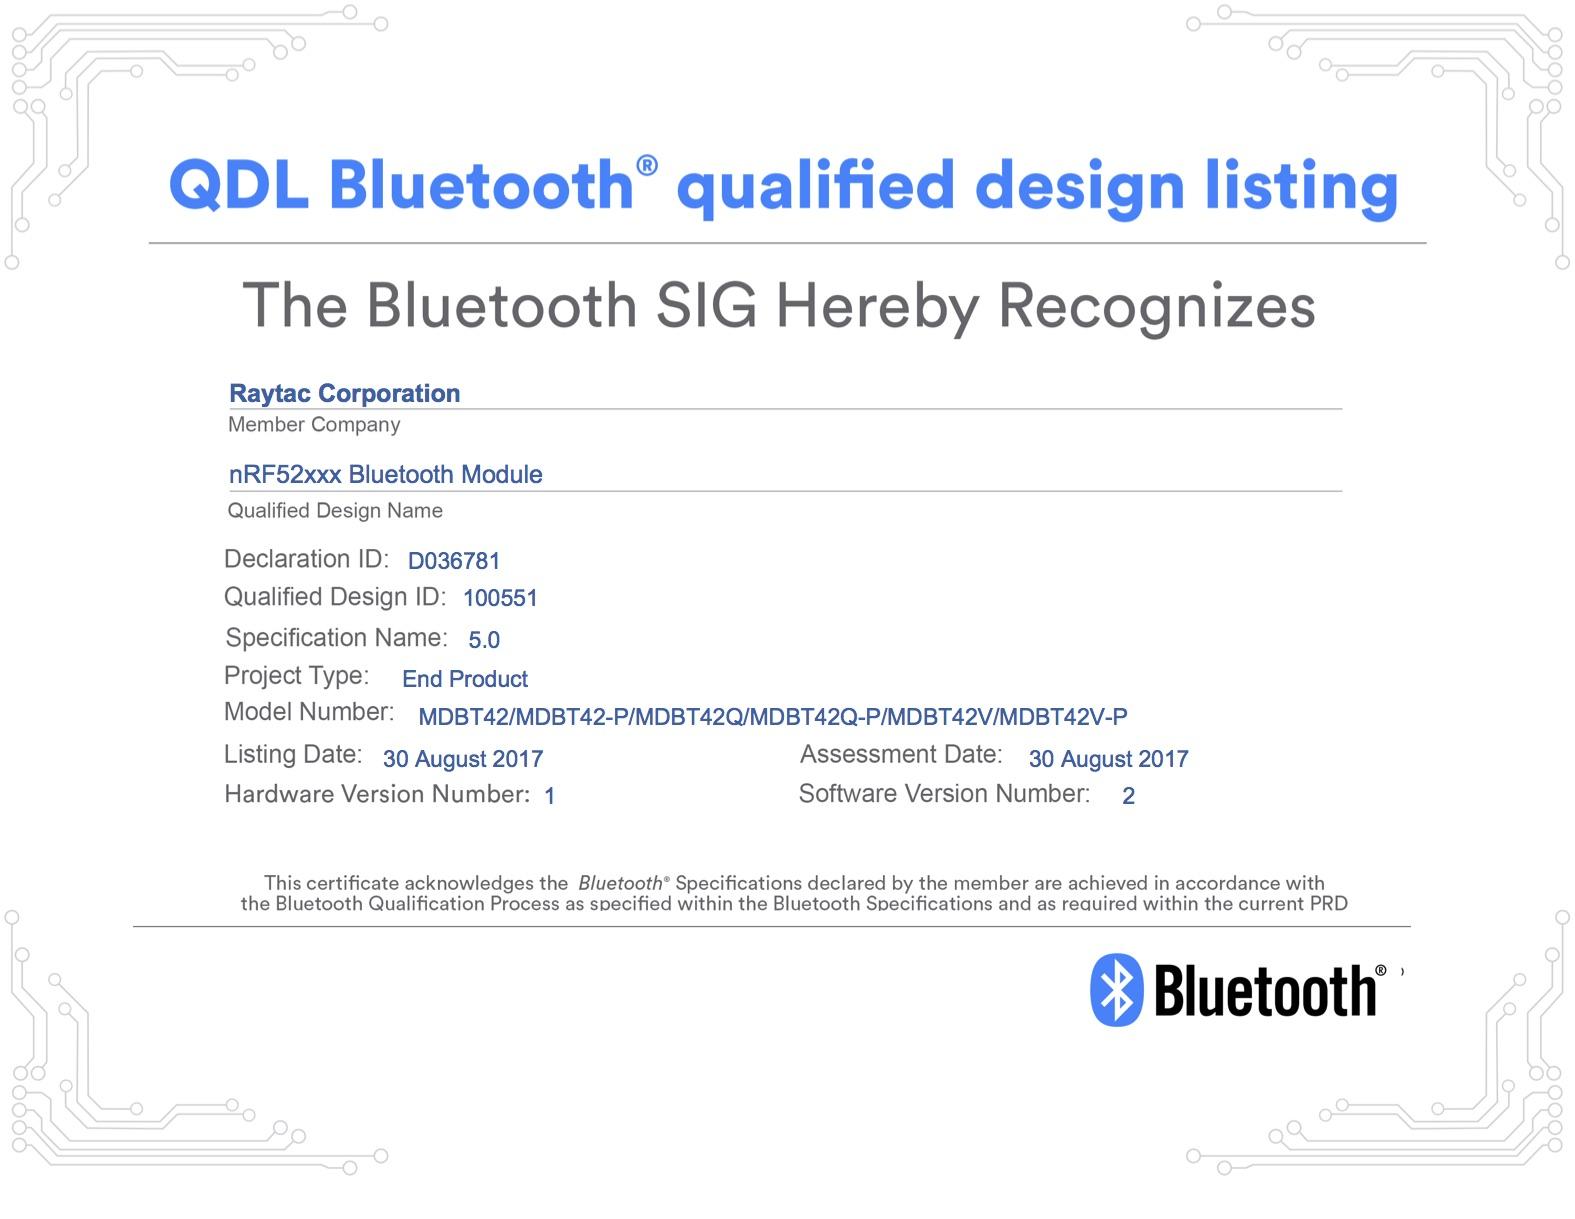 BT5 Certificate-D036781